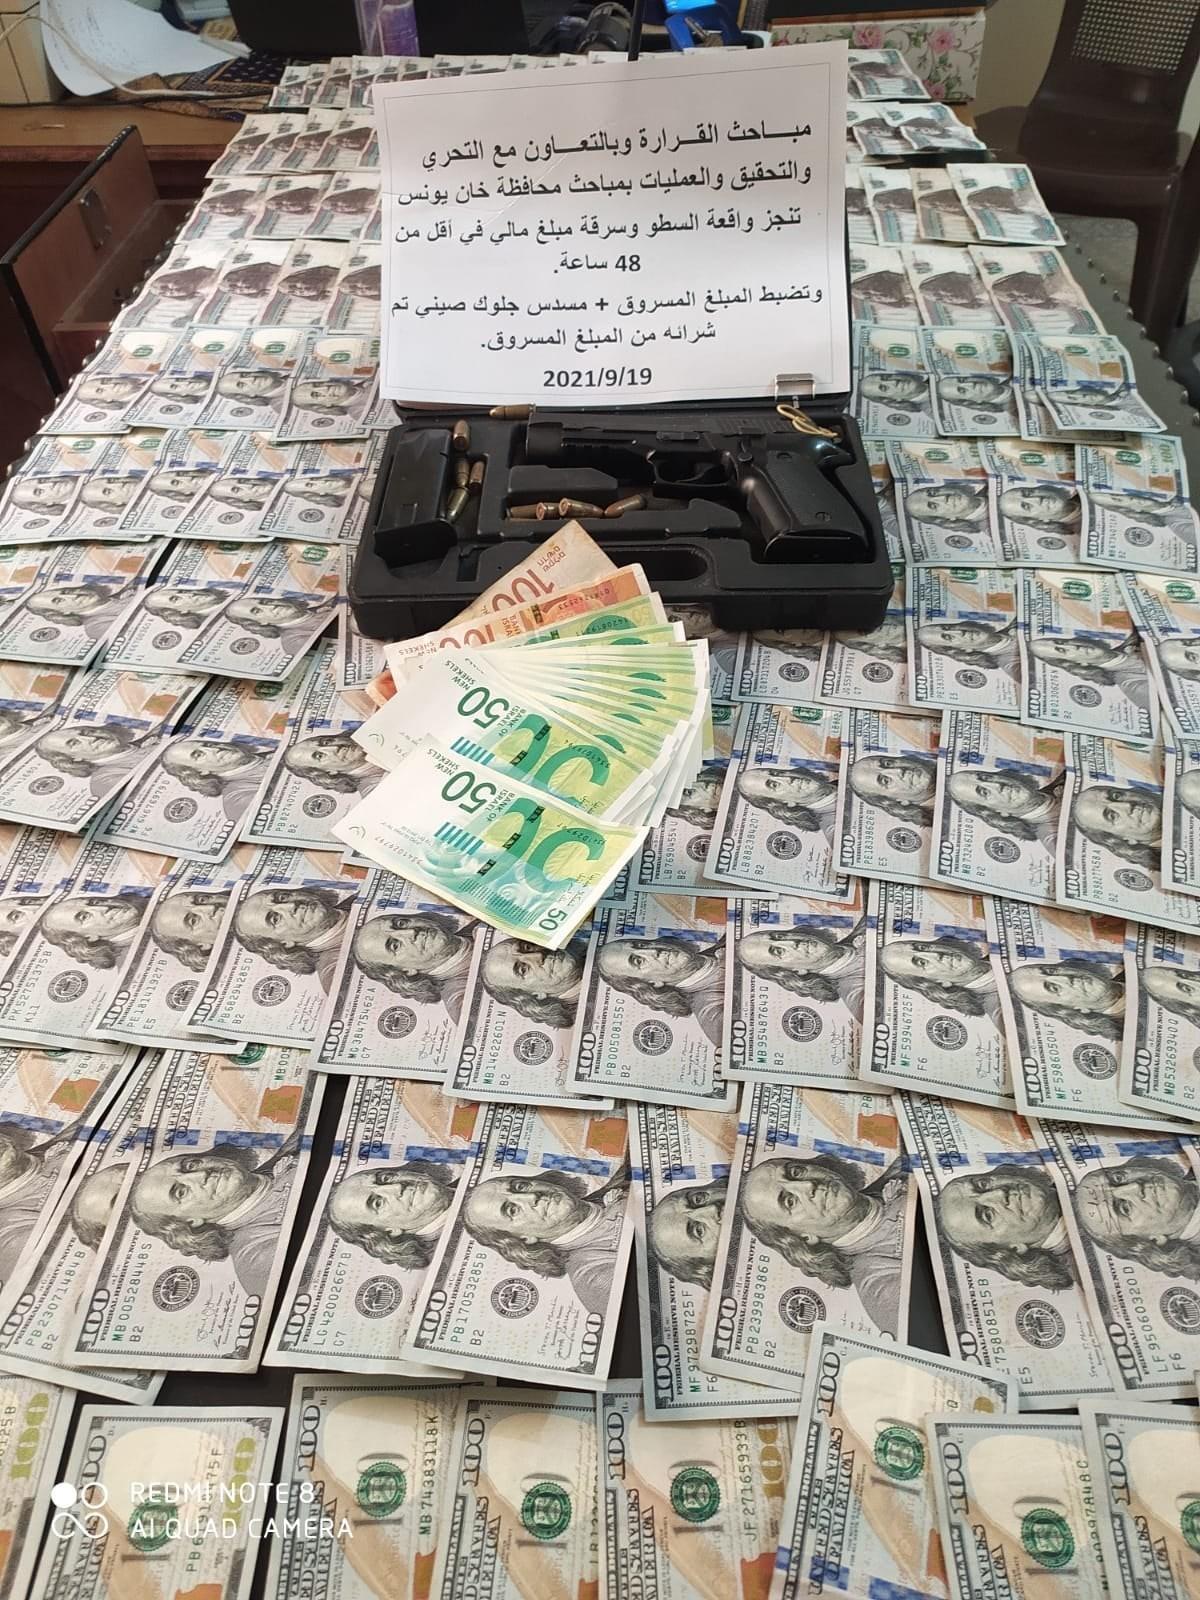 مباحث خانيونس تكشف ملابسات قضية سرقة مبلغ 30 ألف دولار